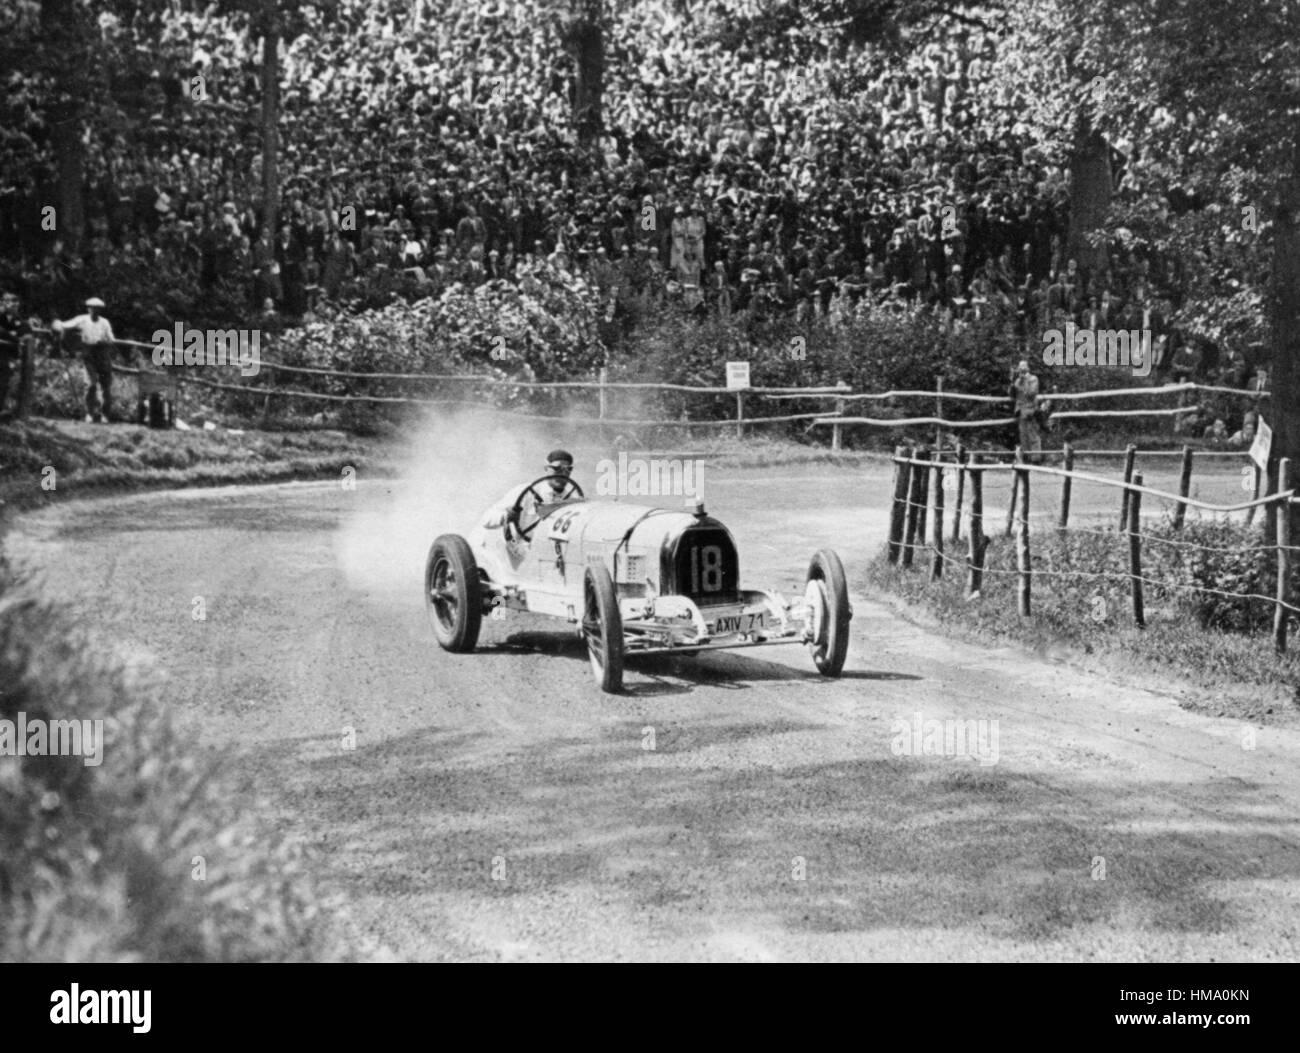 Austro-Daimler, Hans Von stecken, Shelsley Walsh 1930 Stockbild